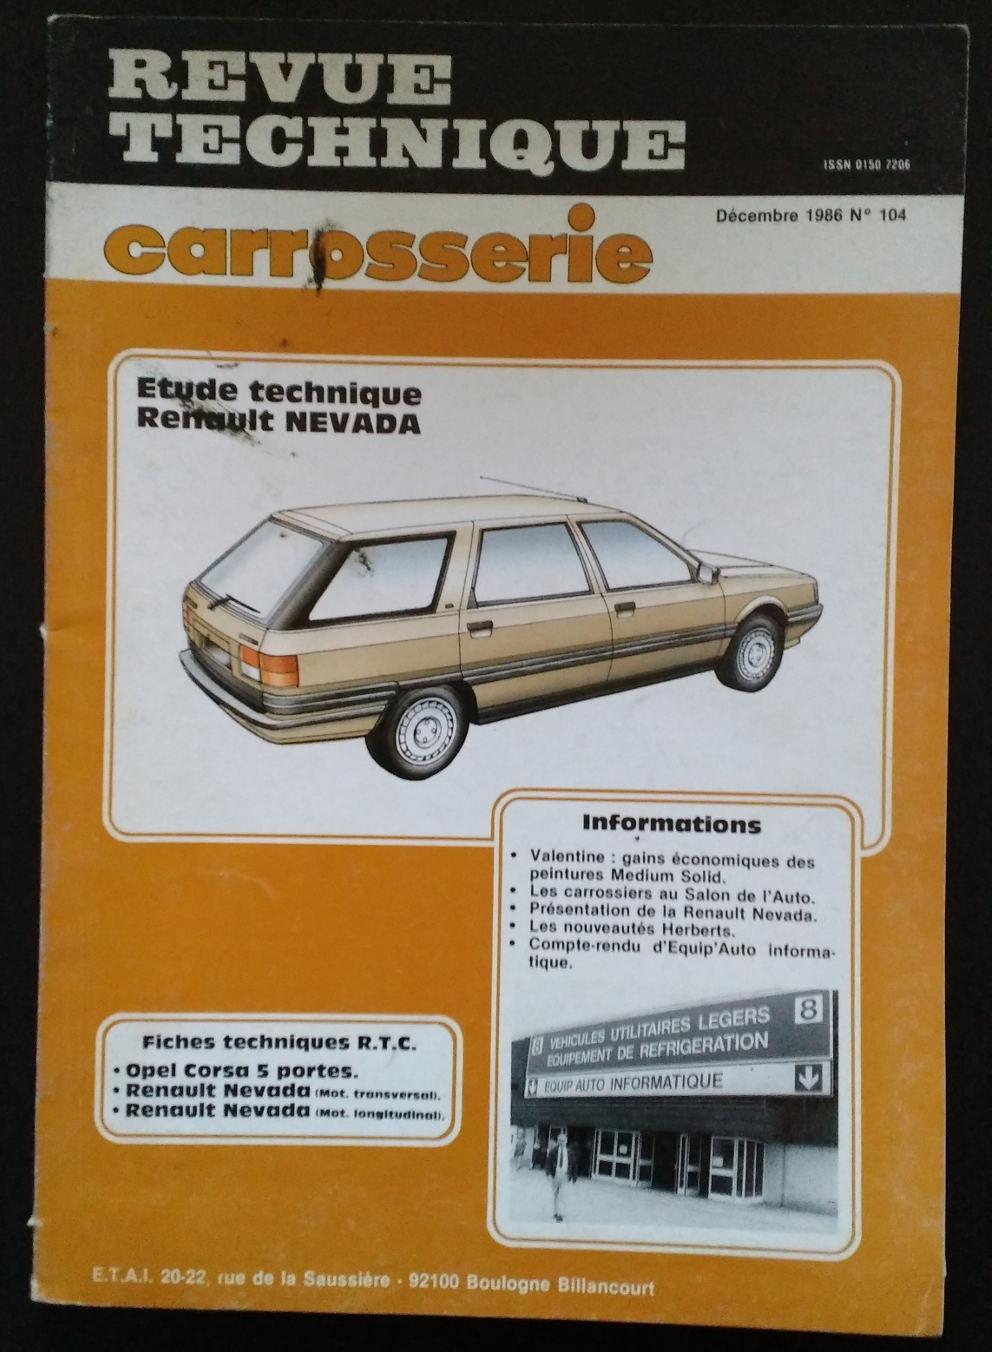 Revue Technique Carrosserie pour Renault 21 Nevada